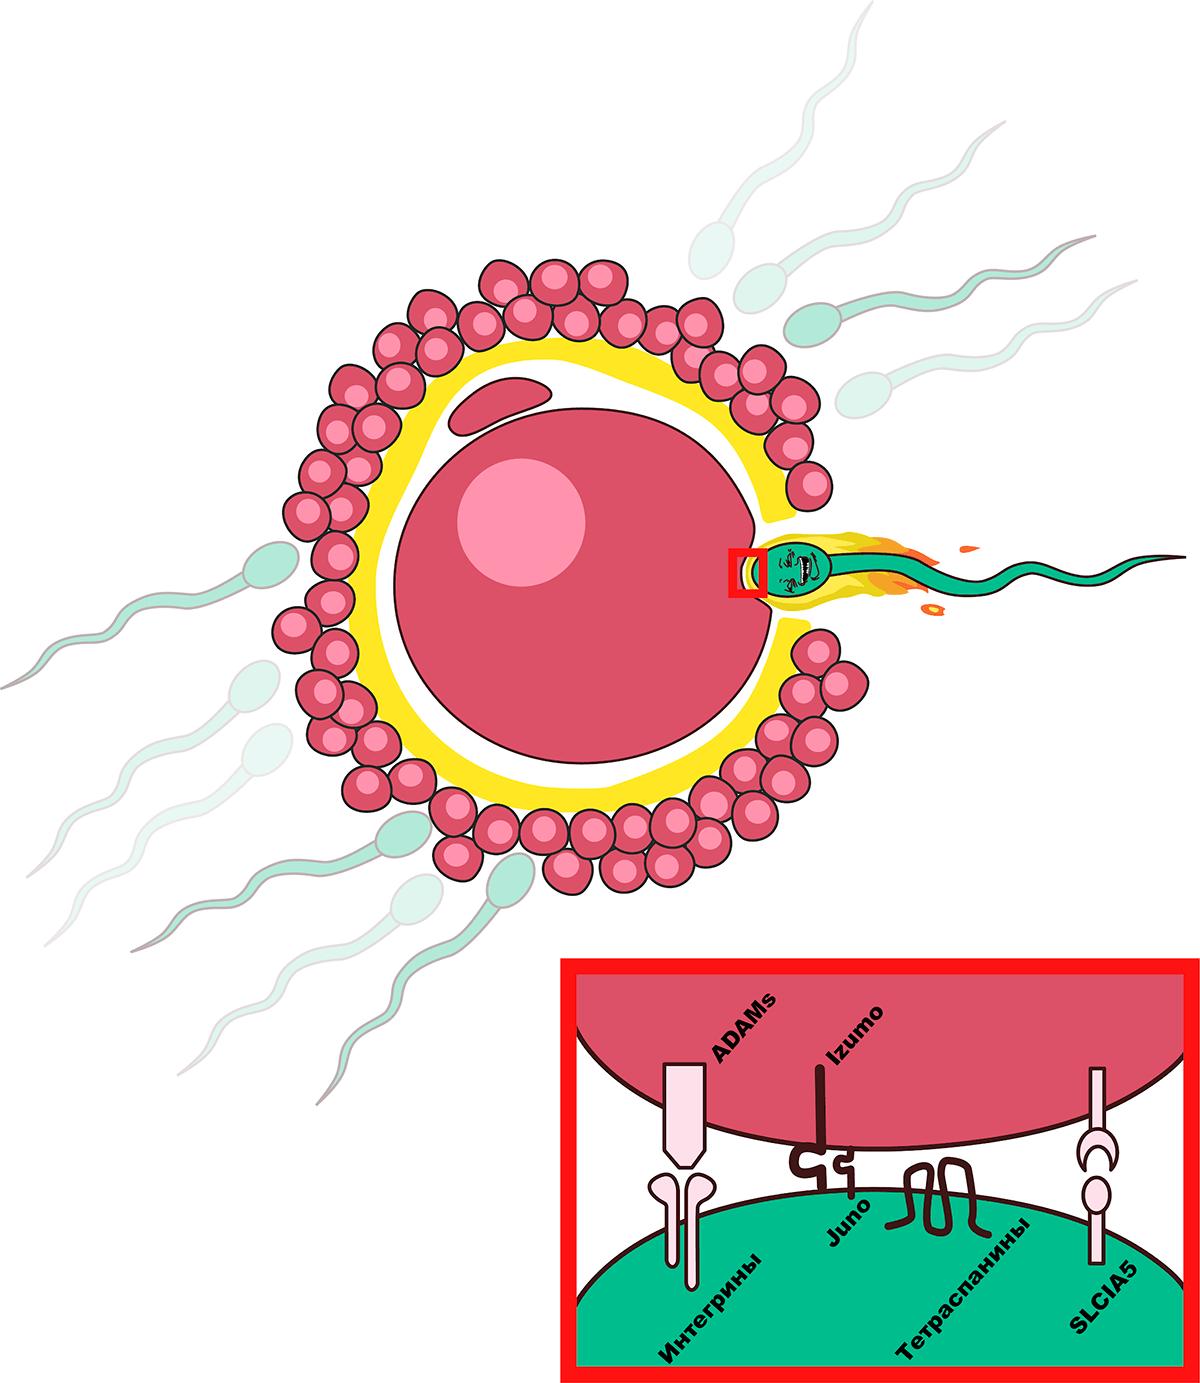 Молекулы, участвующие в слиянии сперматозоидов и мембран ооцитов при оплодотворении